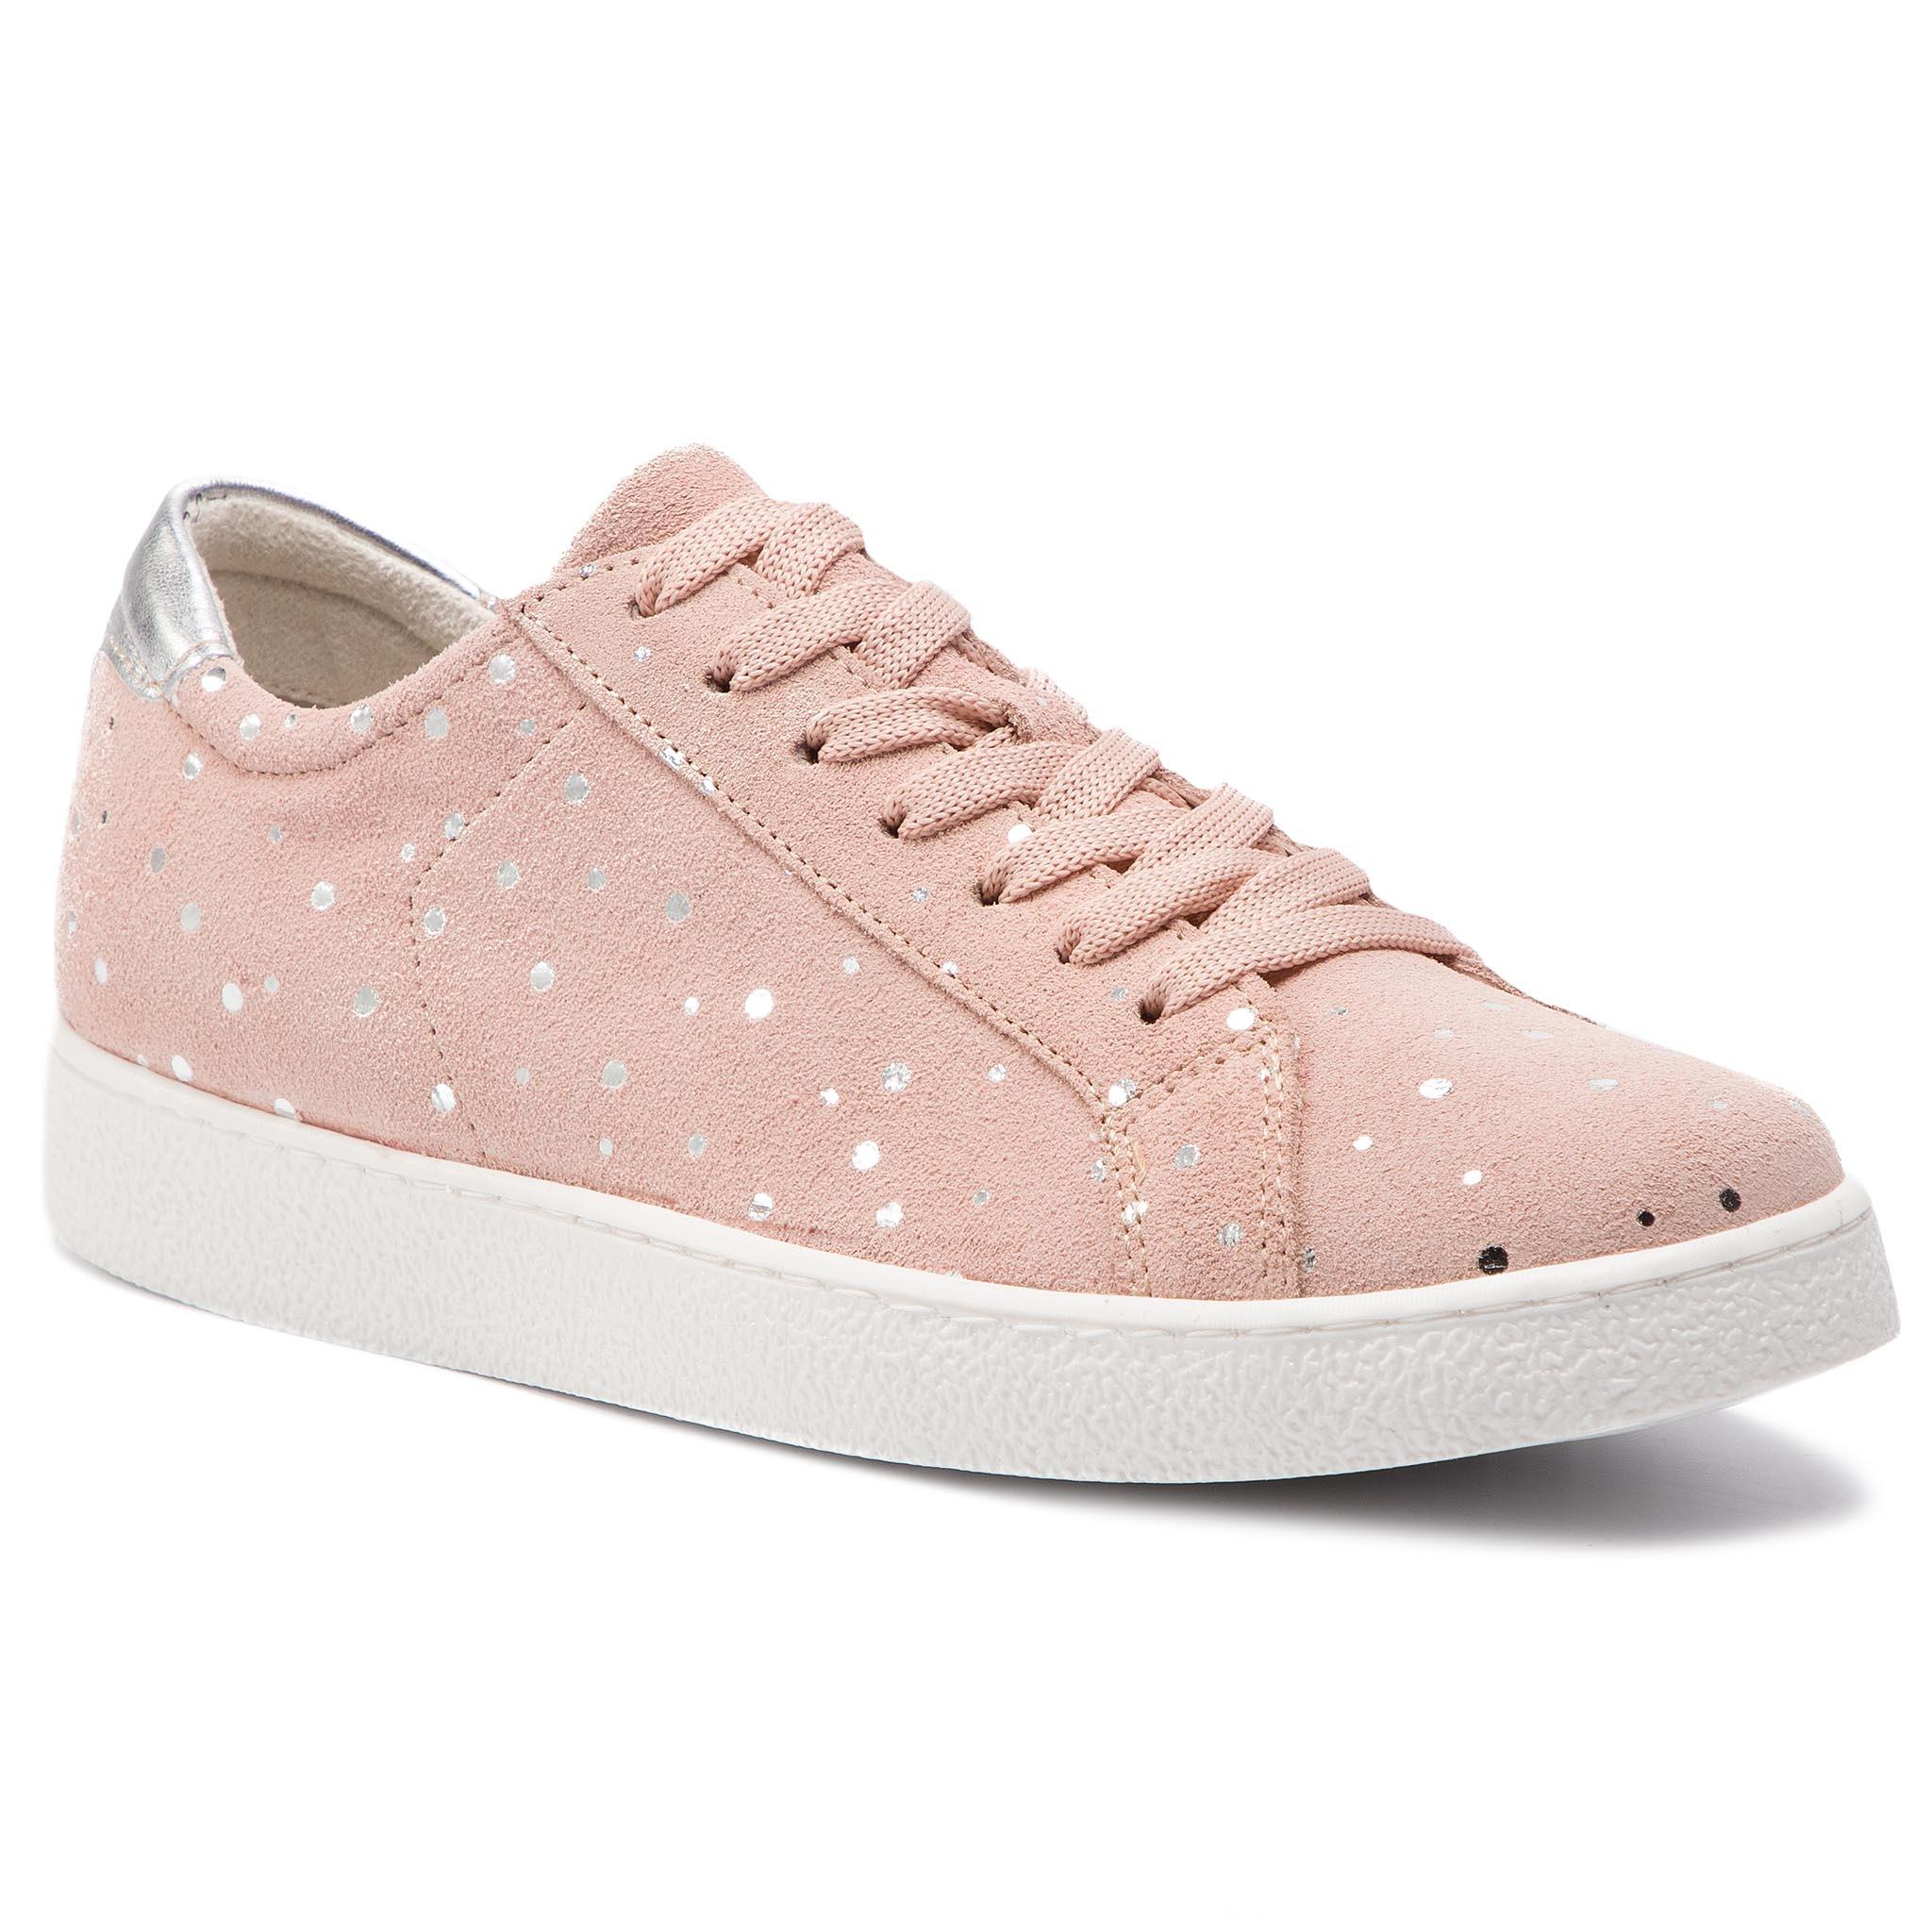 Sneakers TAMARIS 1 23619 22 Navy 805 Sneakers Low